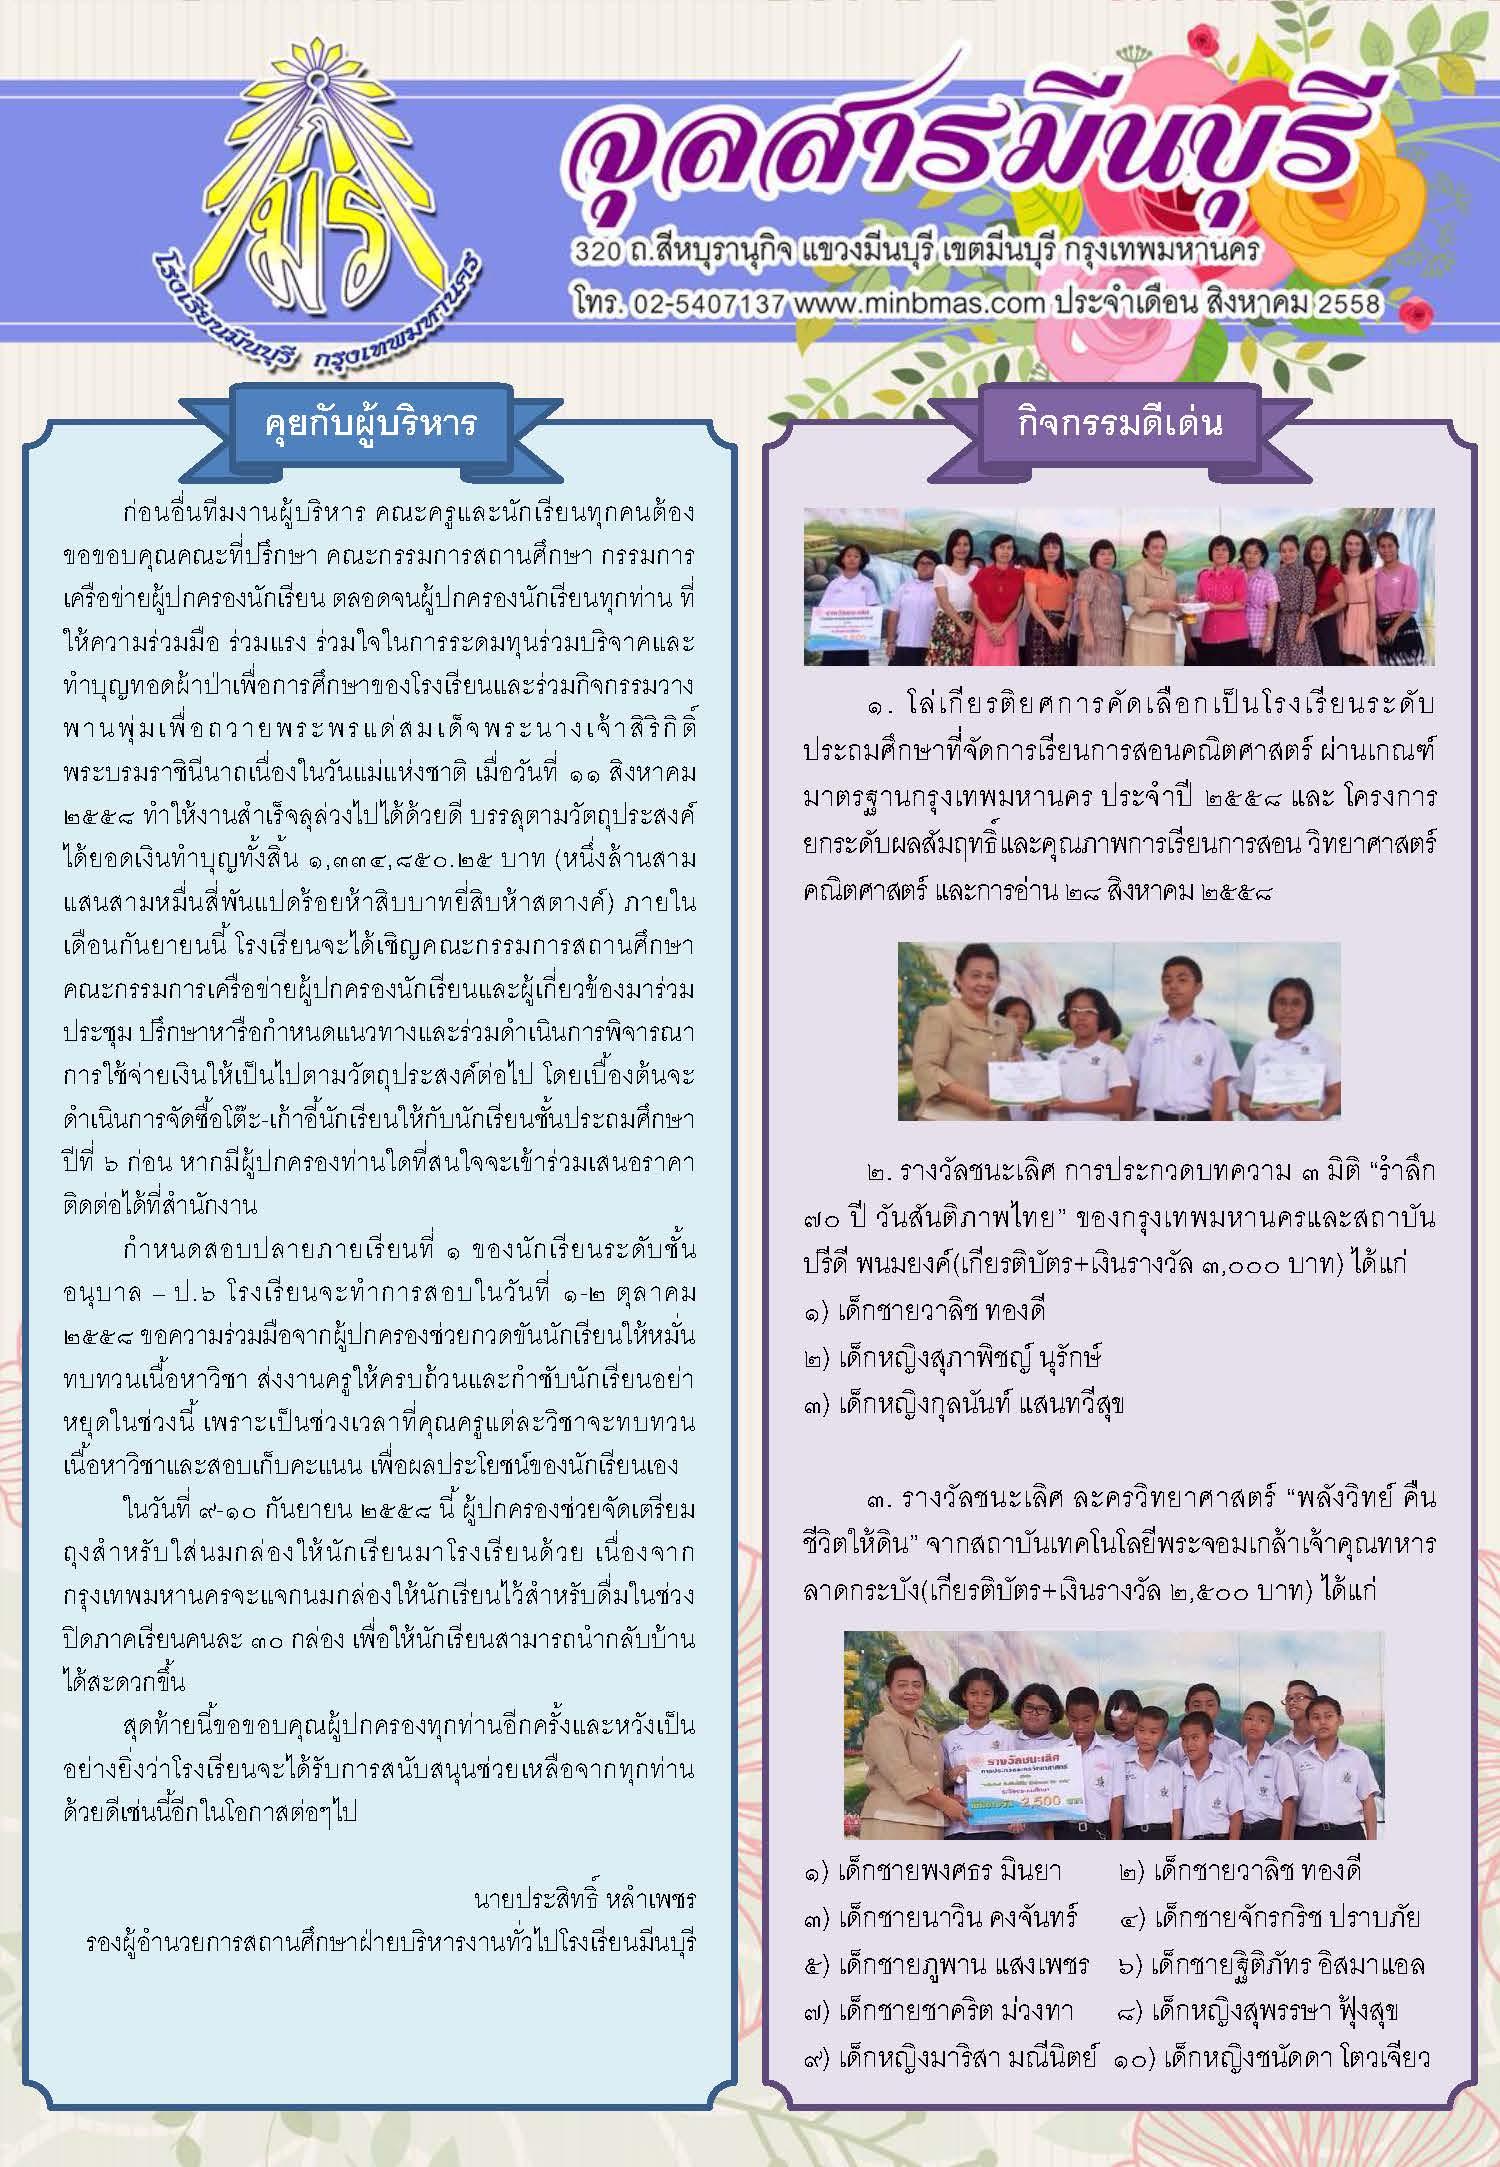 จุลสารมีนบุรี ฉบับเดือน สิงหาคม 2558